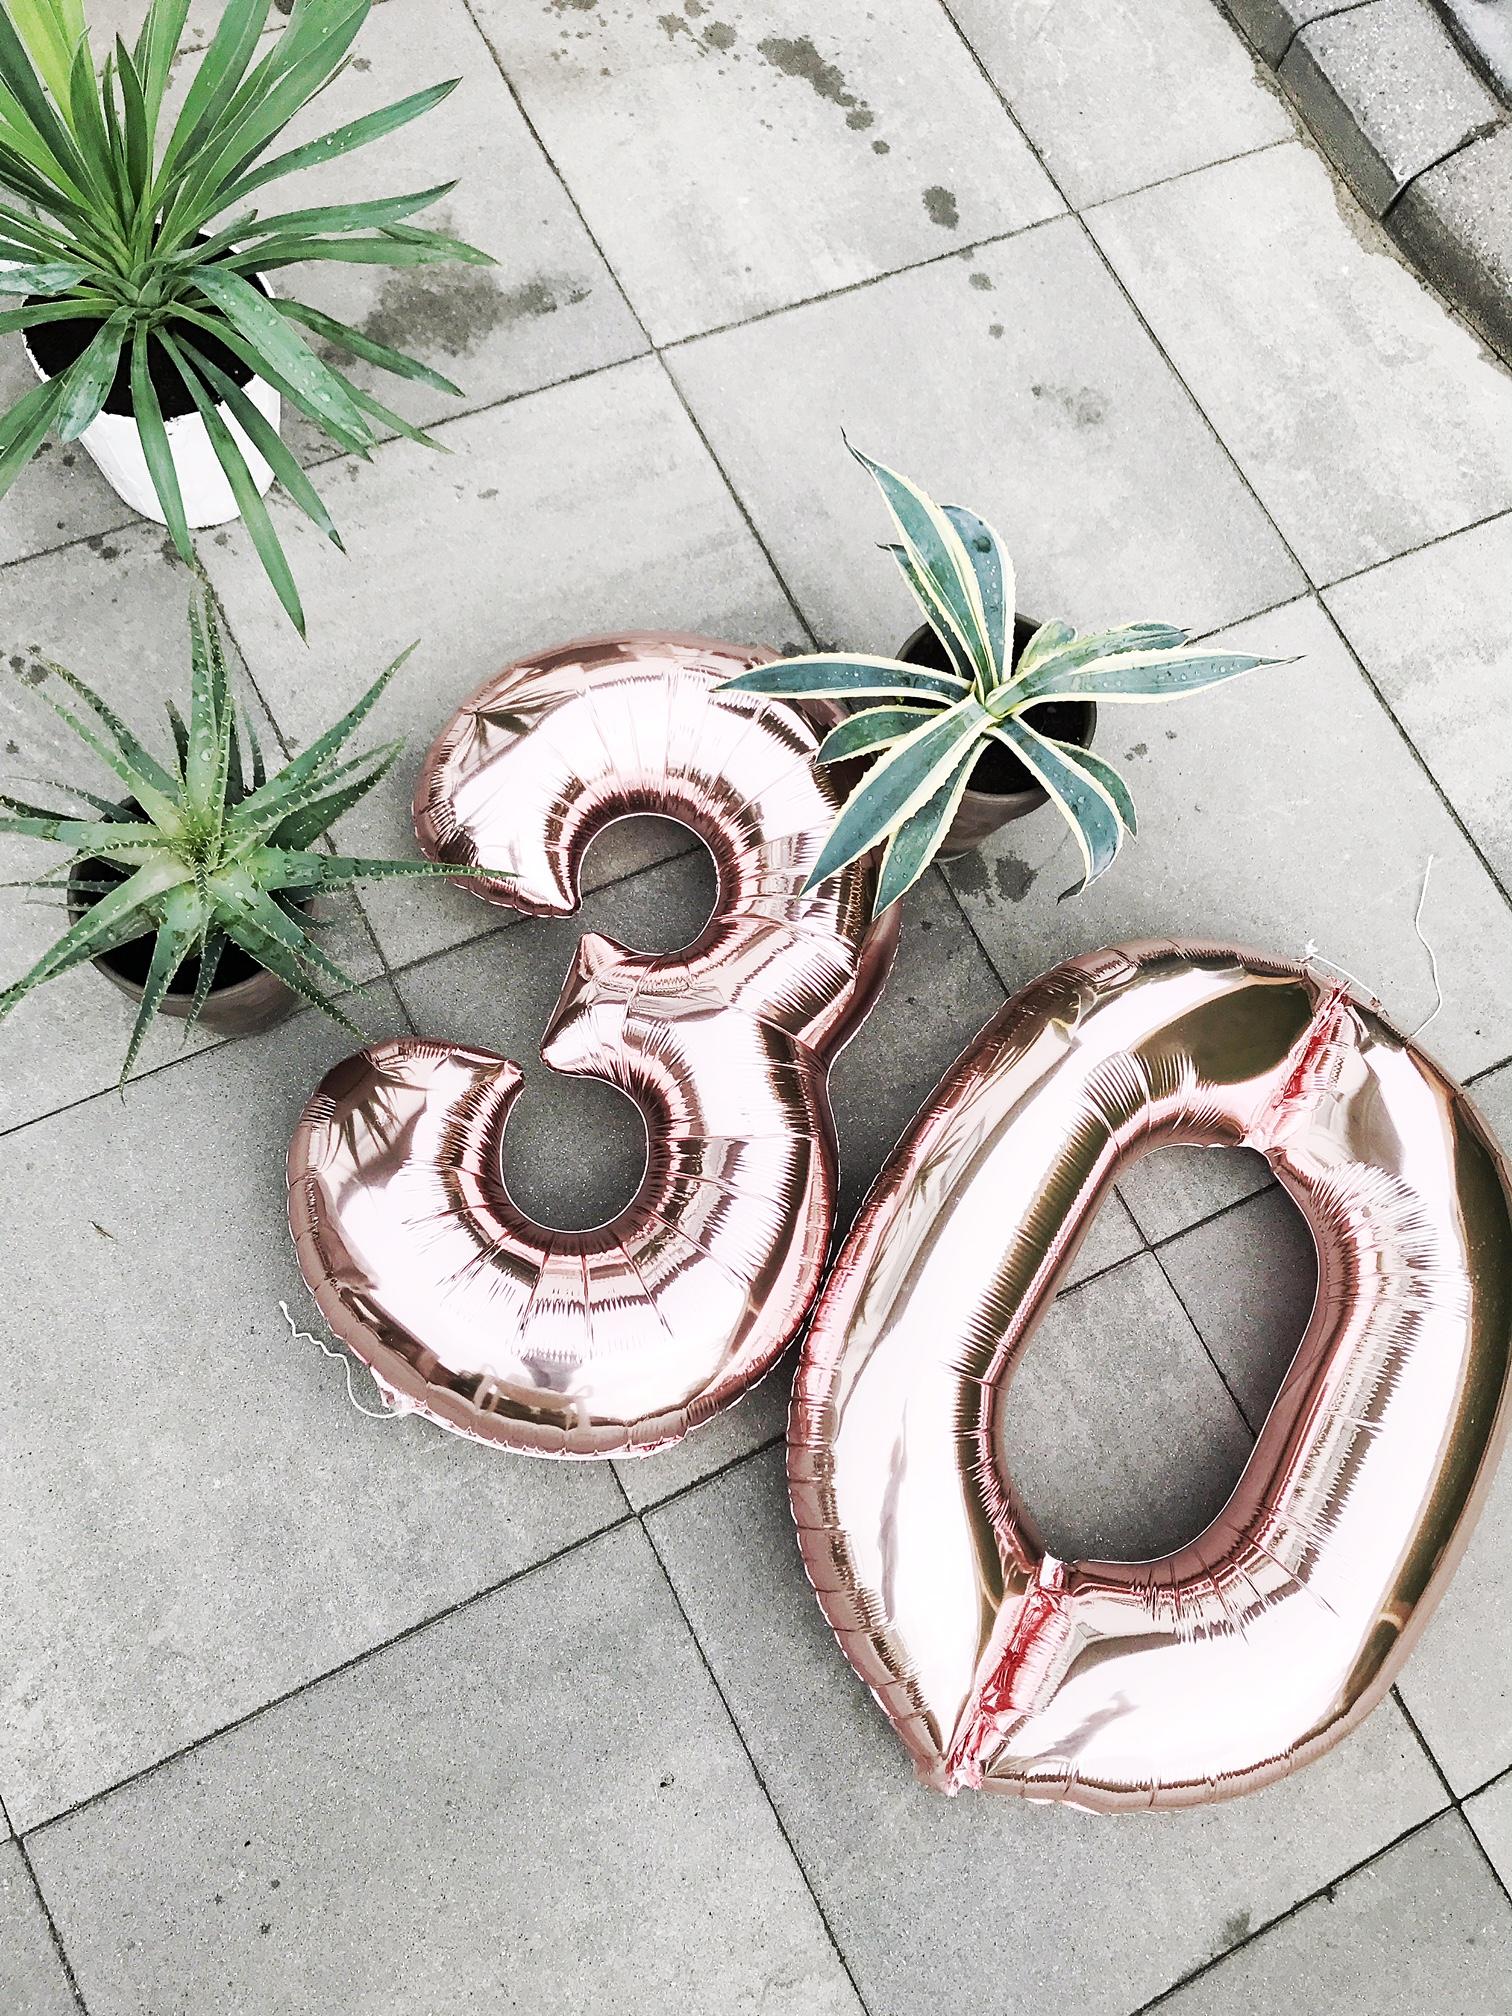 dertig